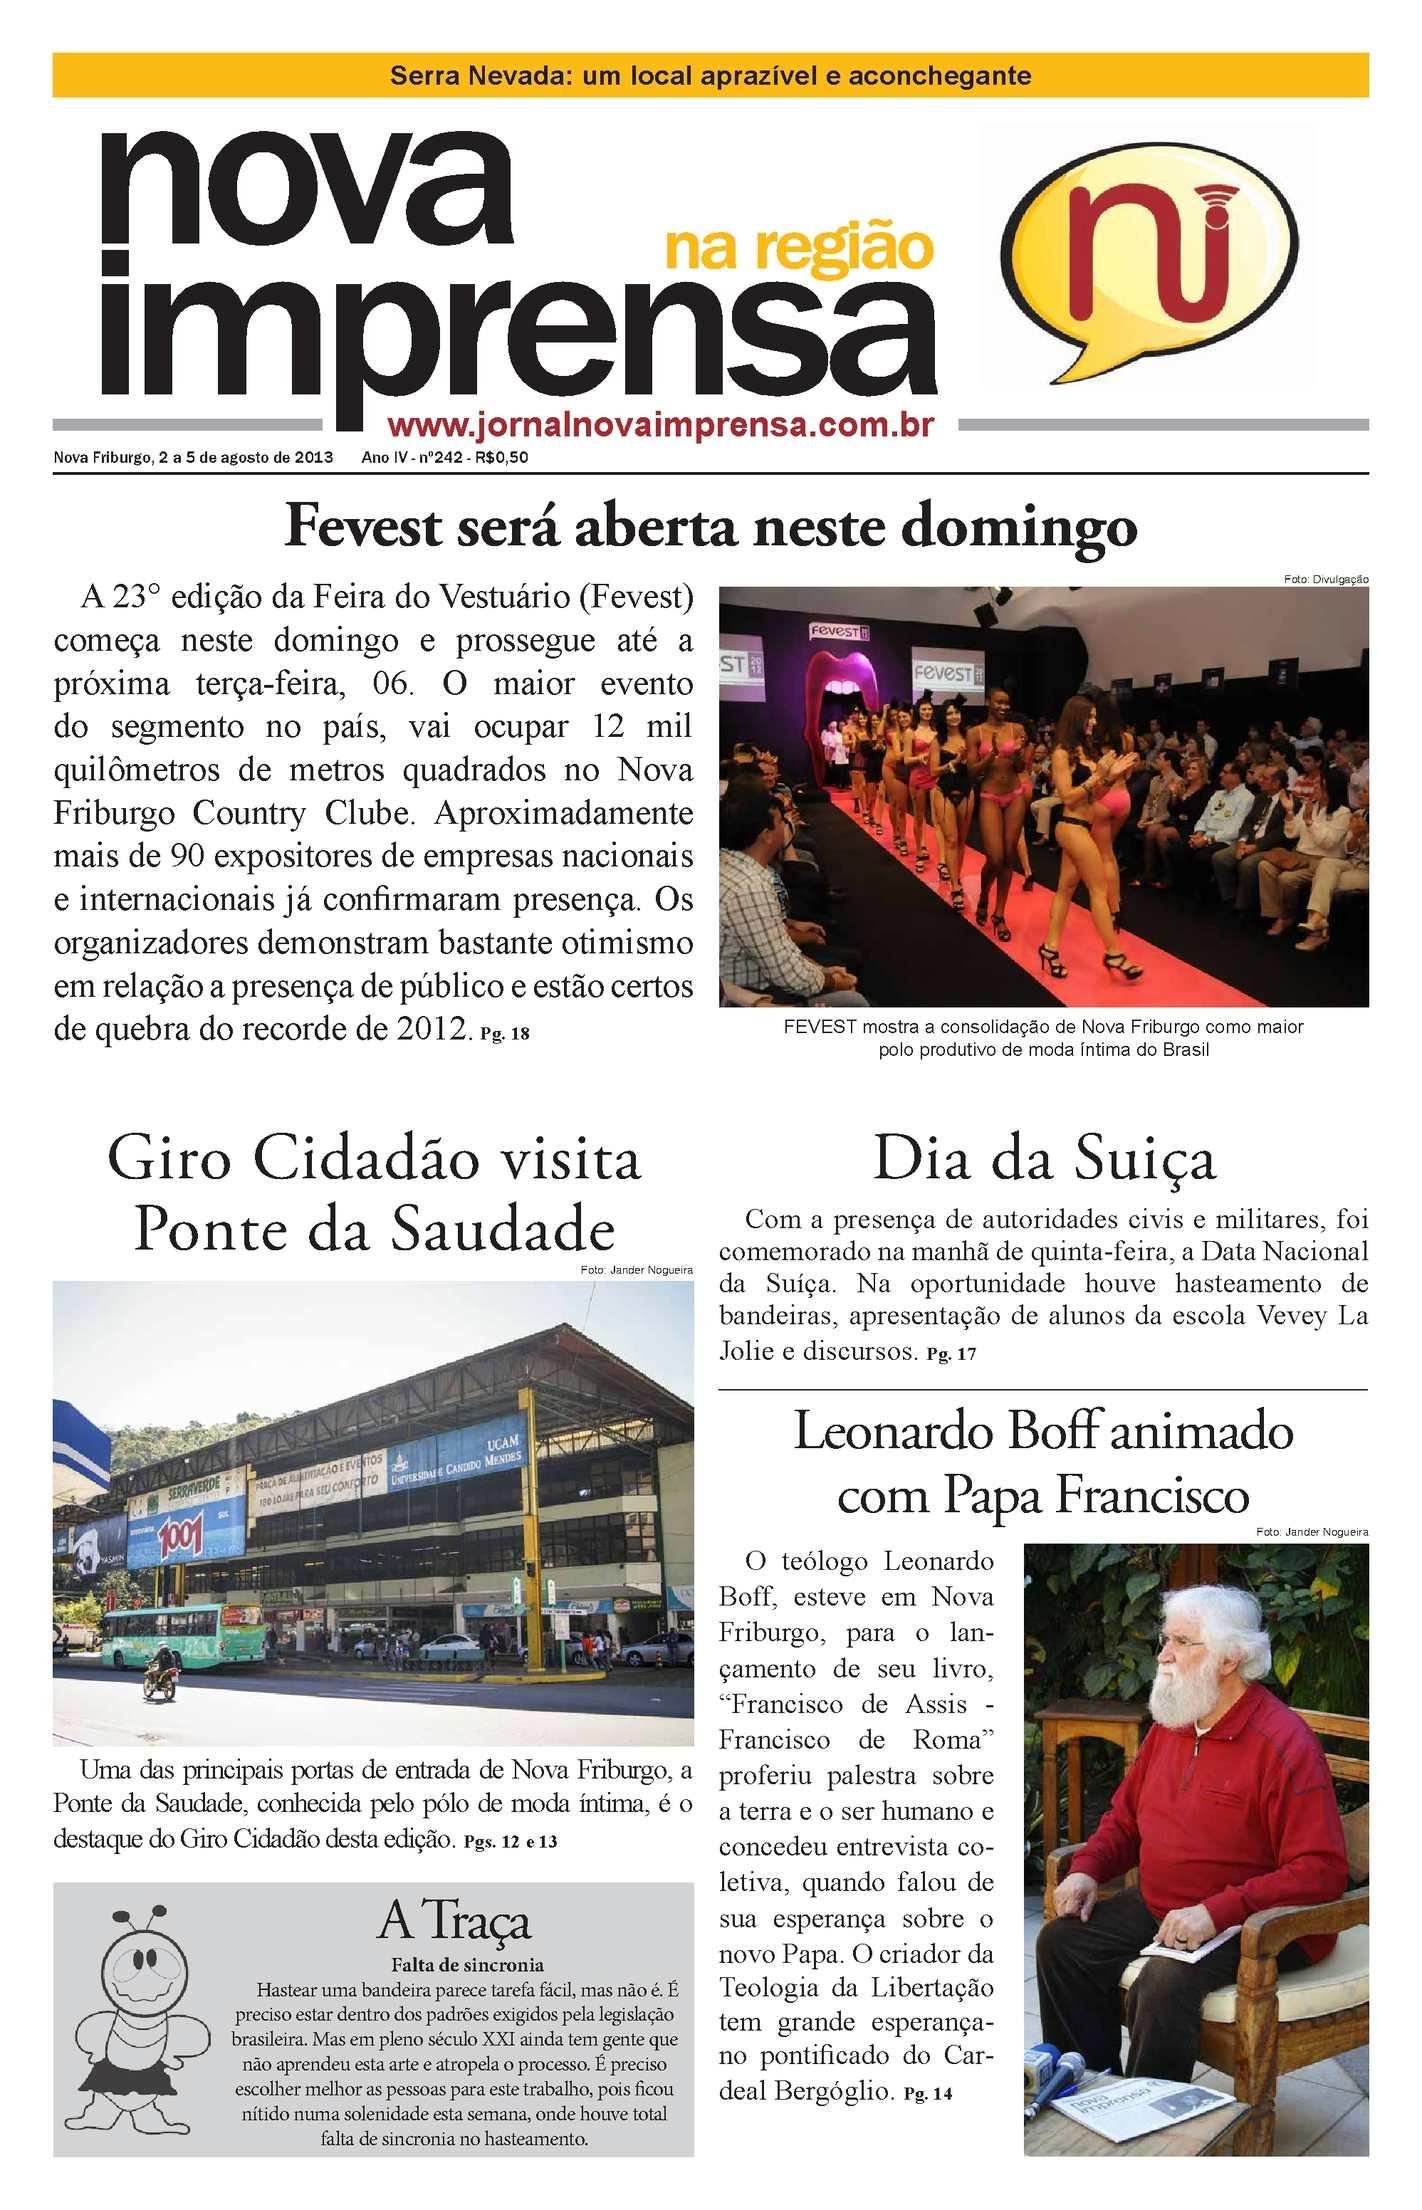 083936c6a Calaméo - Jornal Nova Imprensa - Edição 242